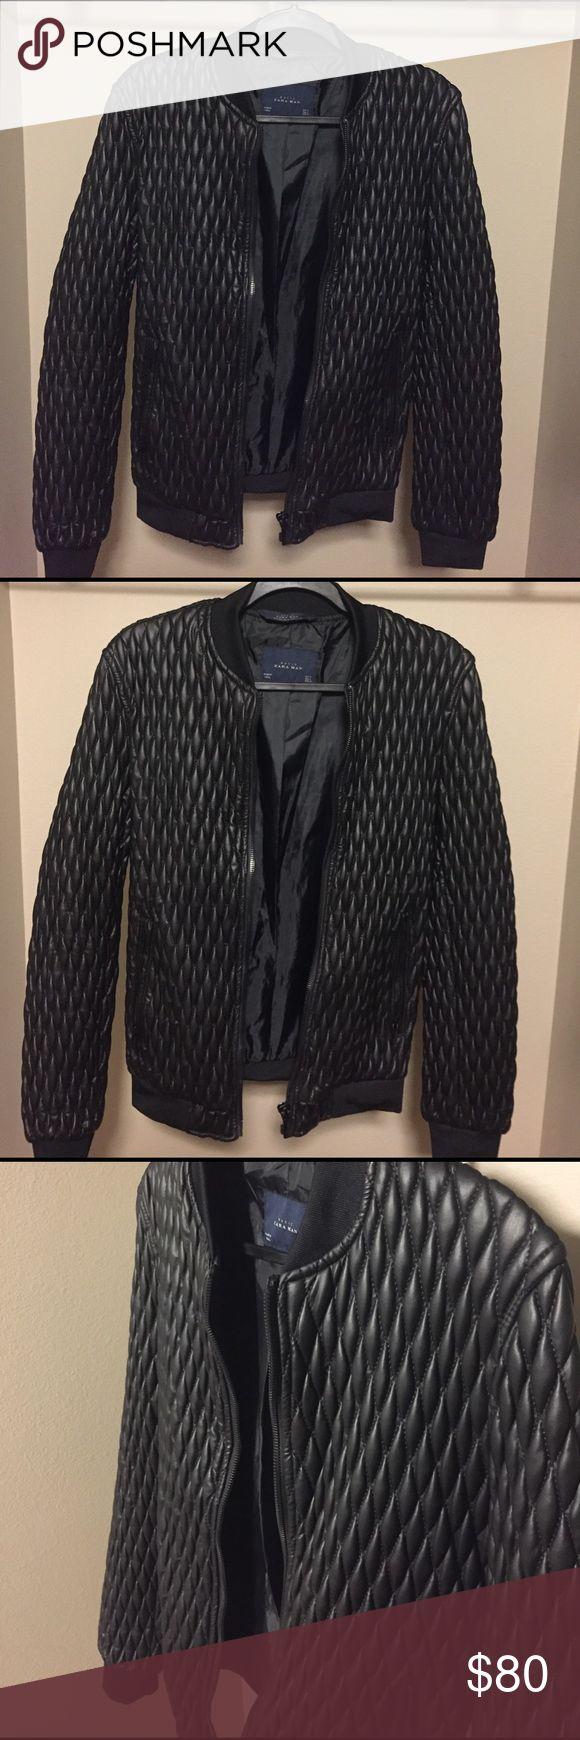 Zara jacket Zara jacket - never used! Zara Jackets & Coats Lightweight & Shirt Jackets